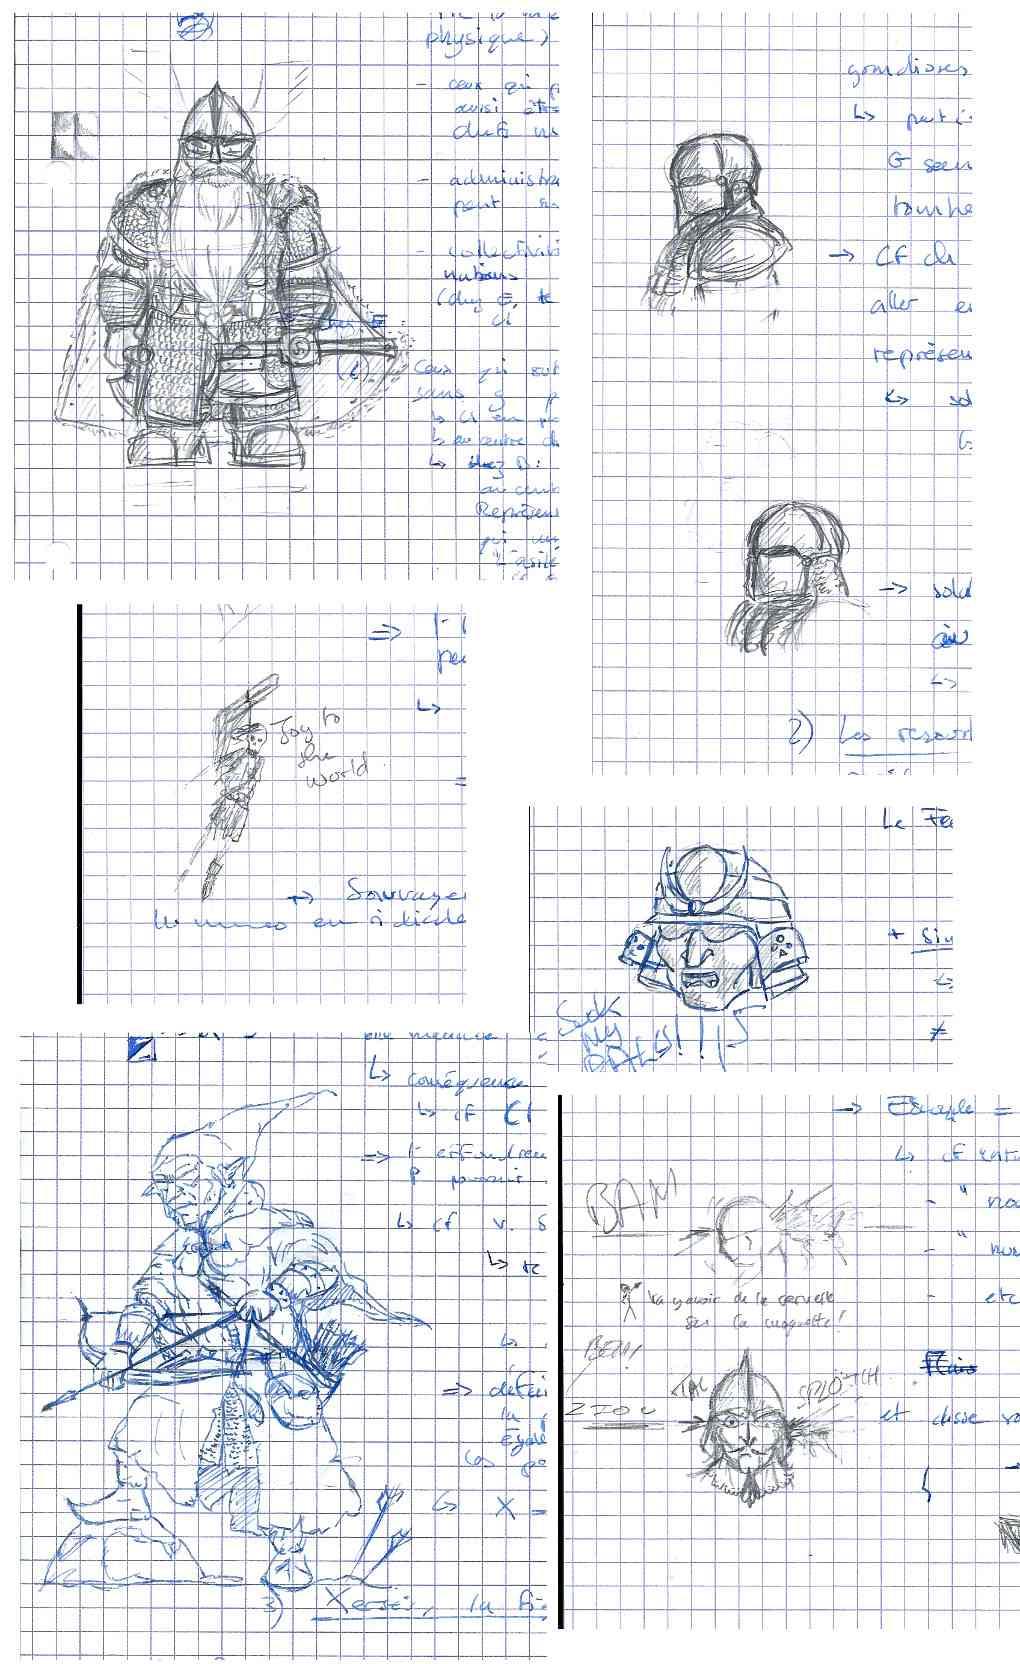 Les dessins de Gromdal - Page 5 Franca13